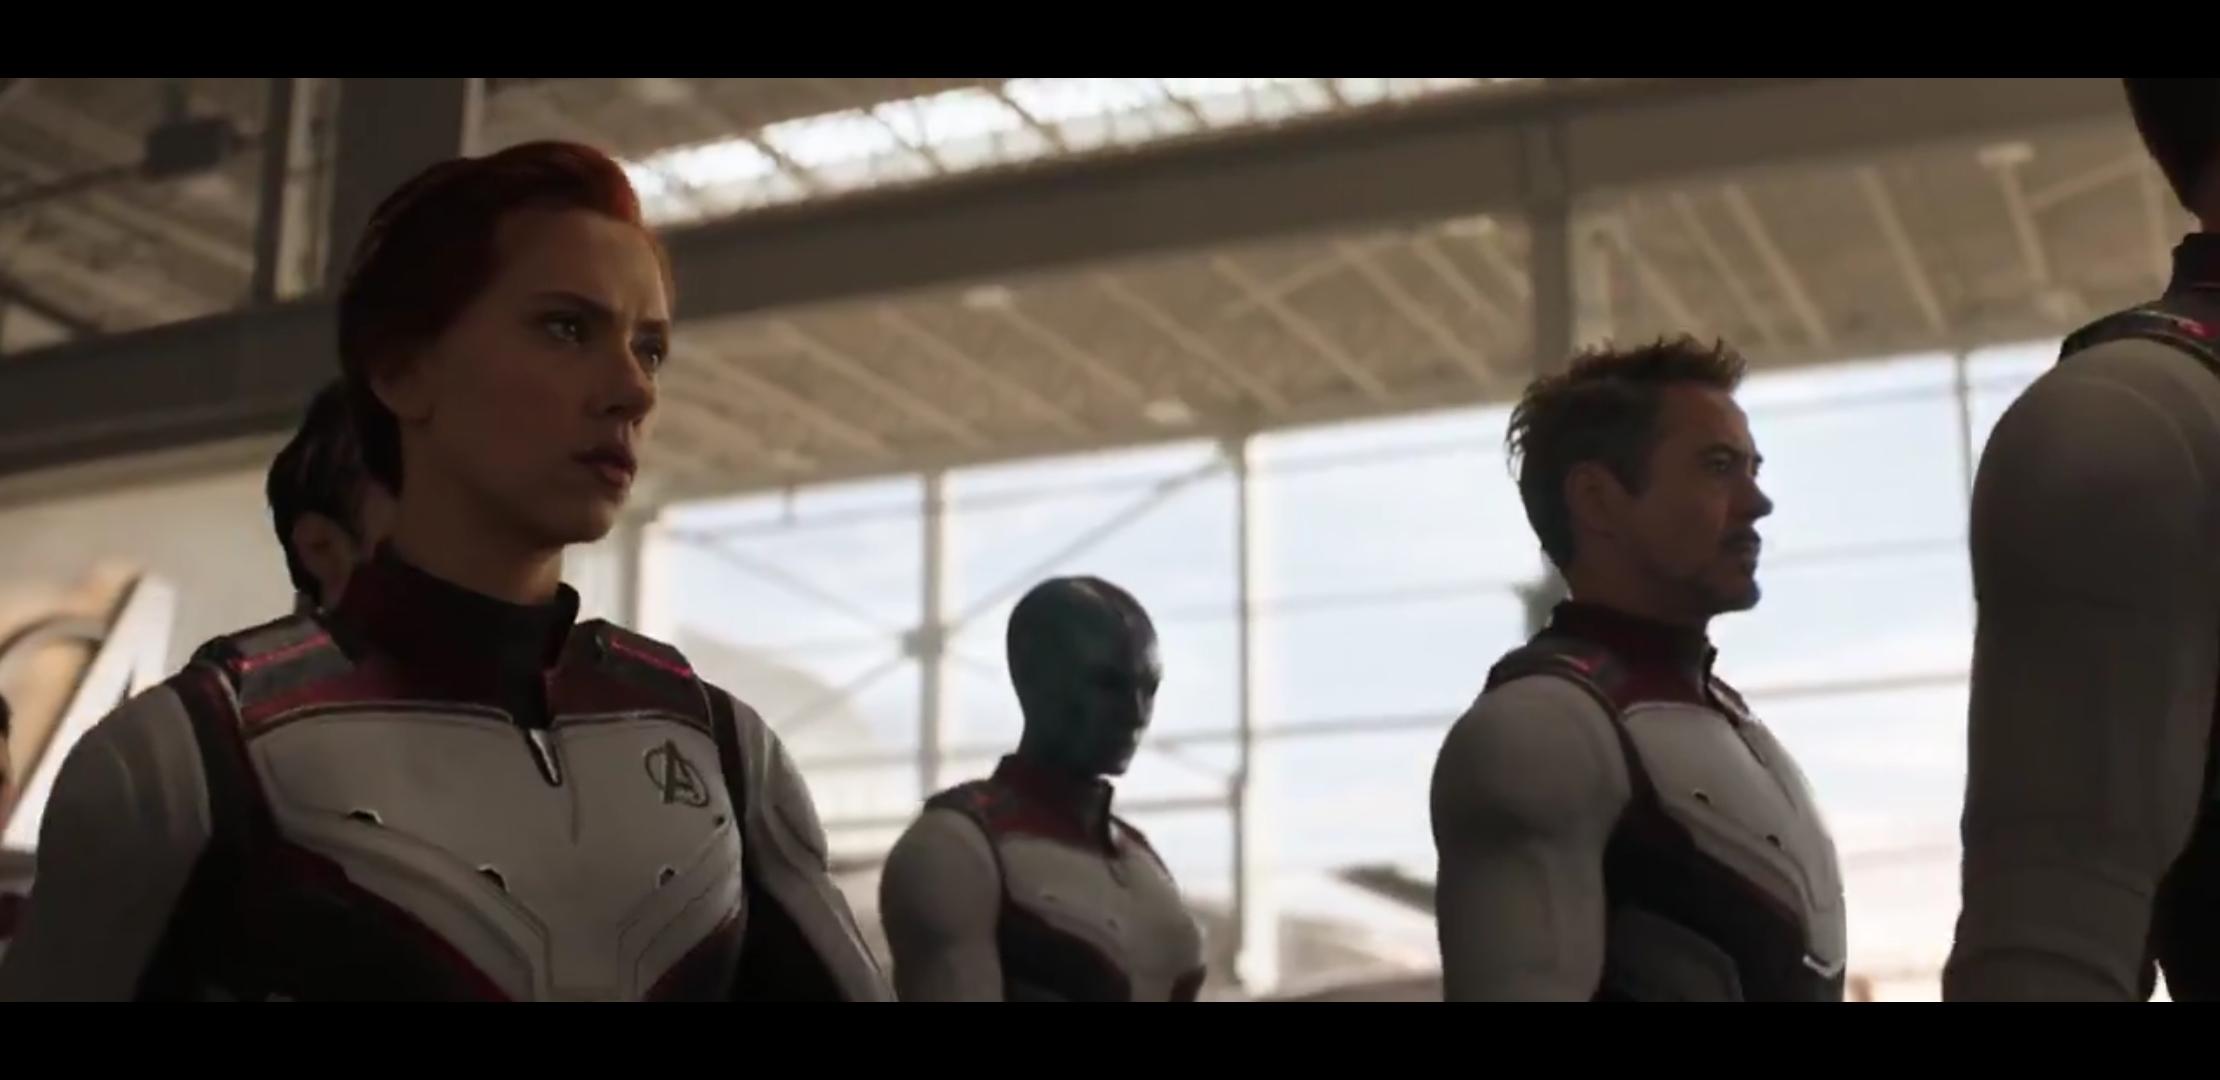 Avengers: Endgame' Drops a Major Clue About 4 Avengers Who